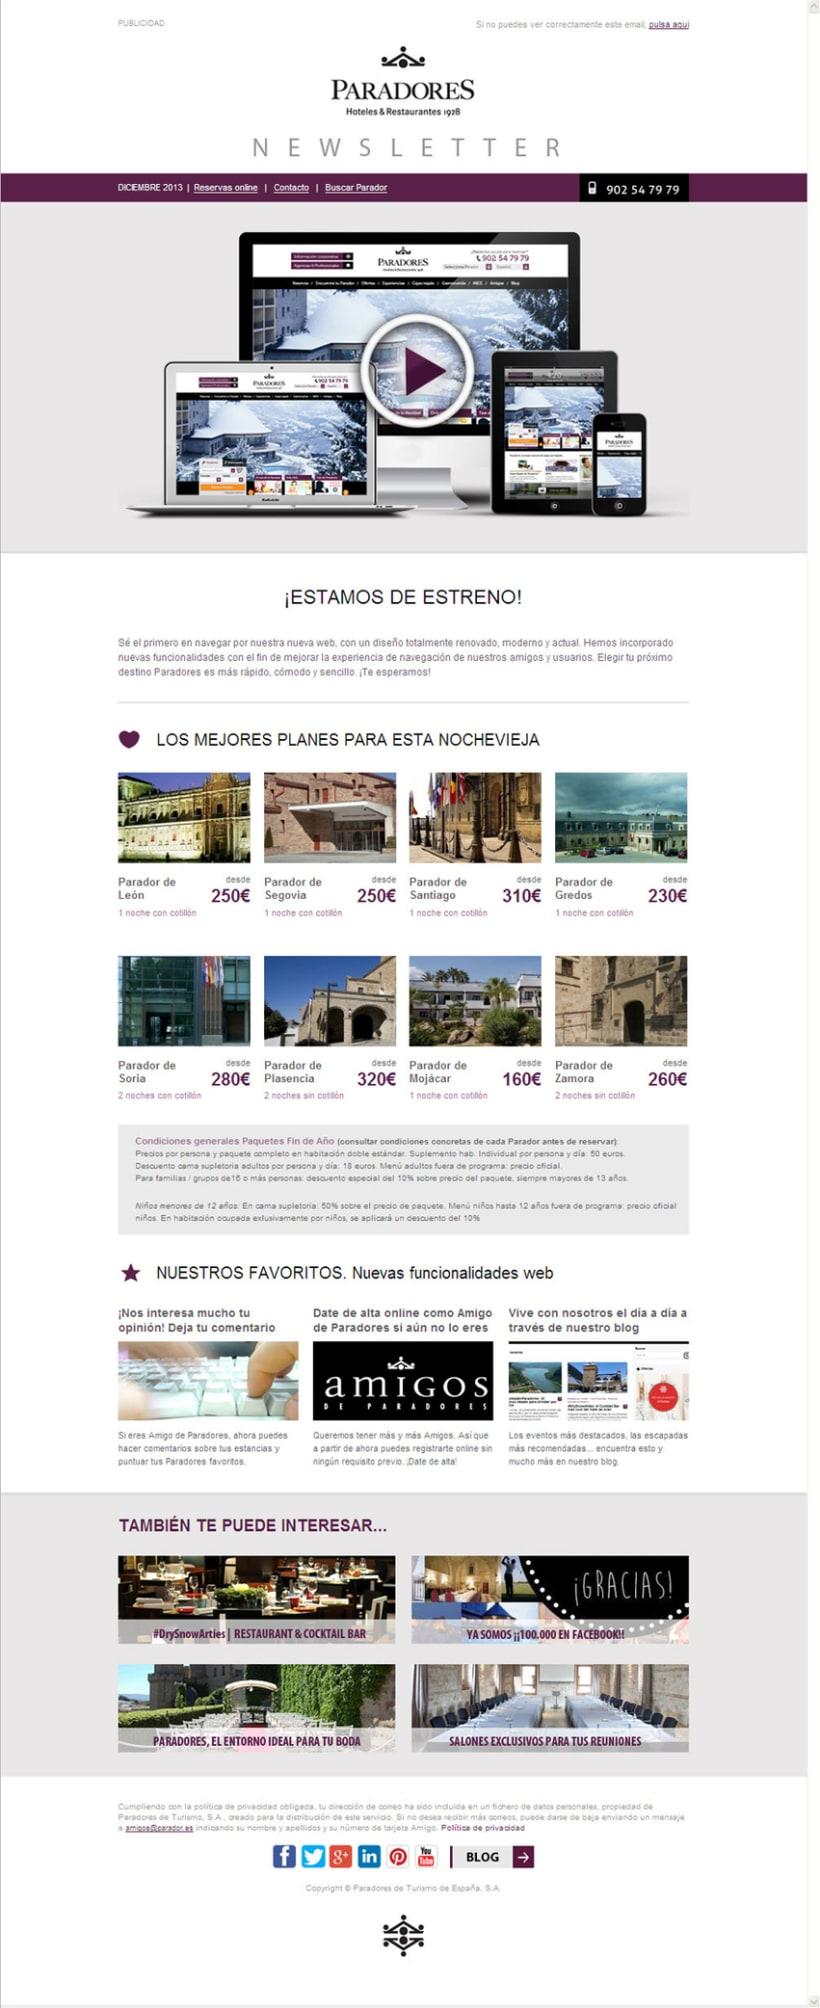 Newsletters Paradores. Diseño y maquetación HTML -1